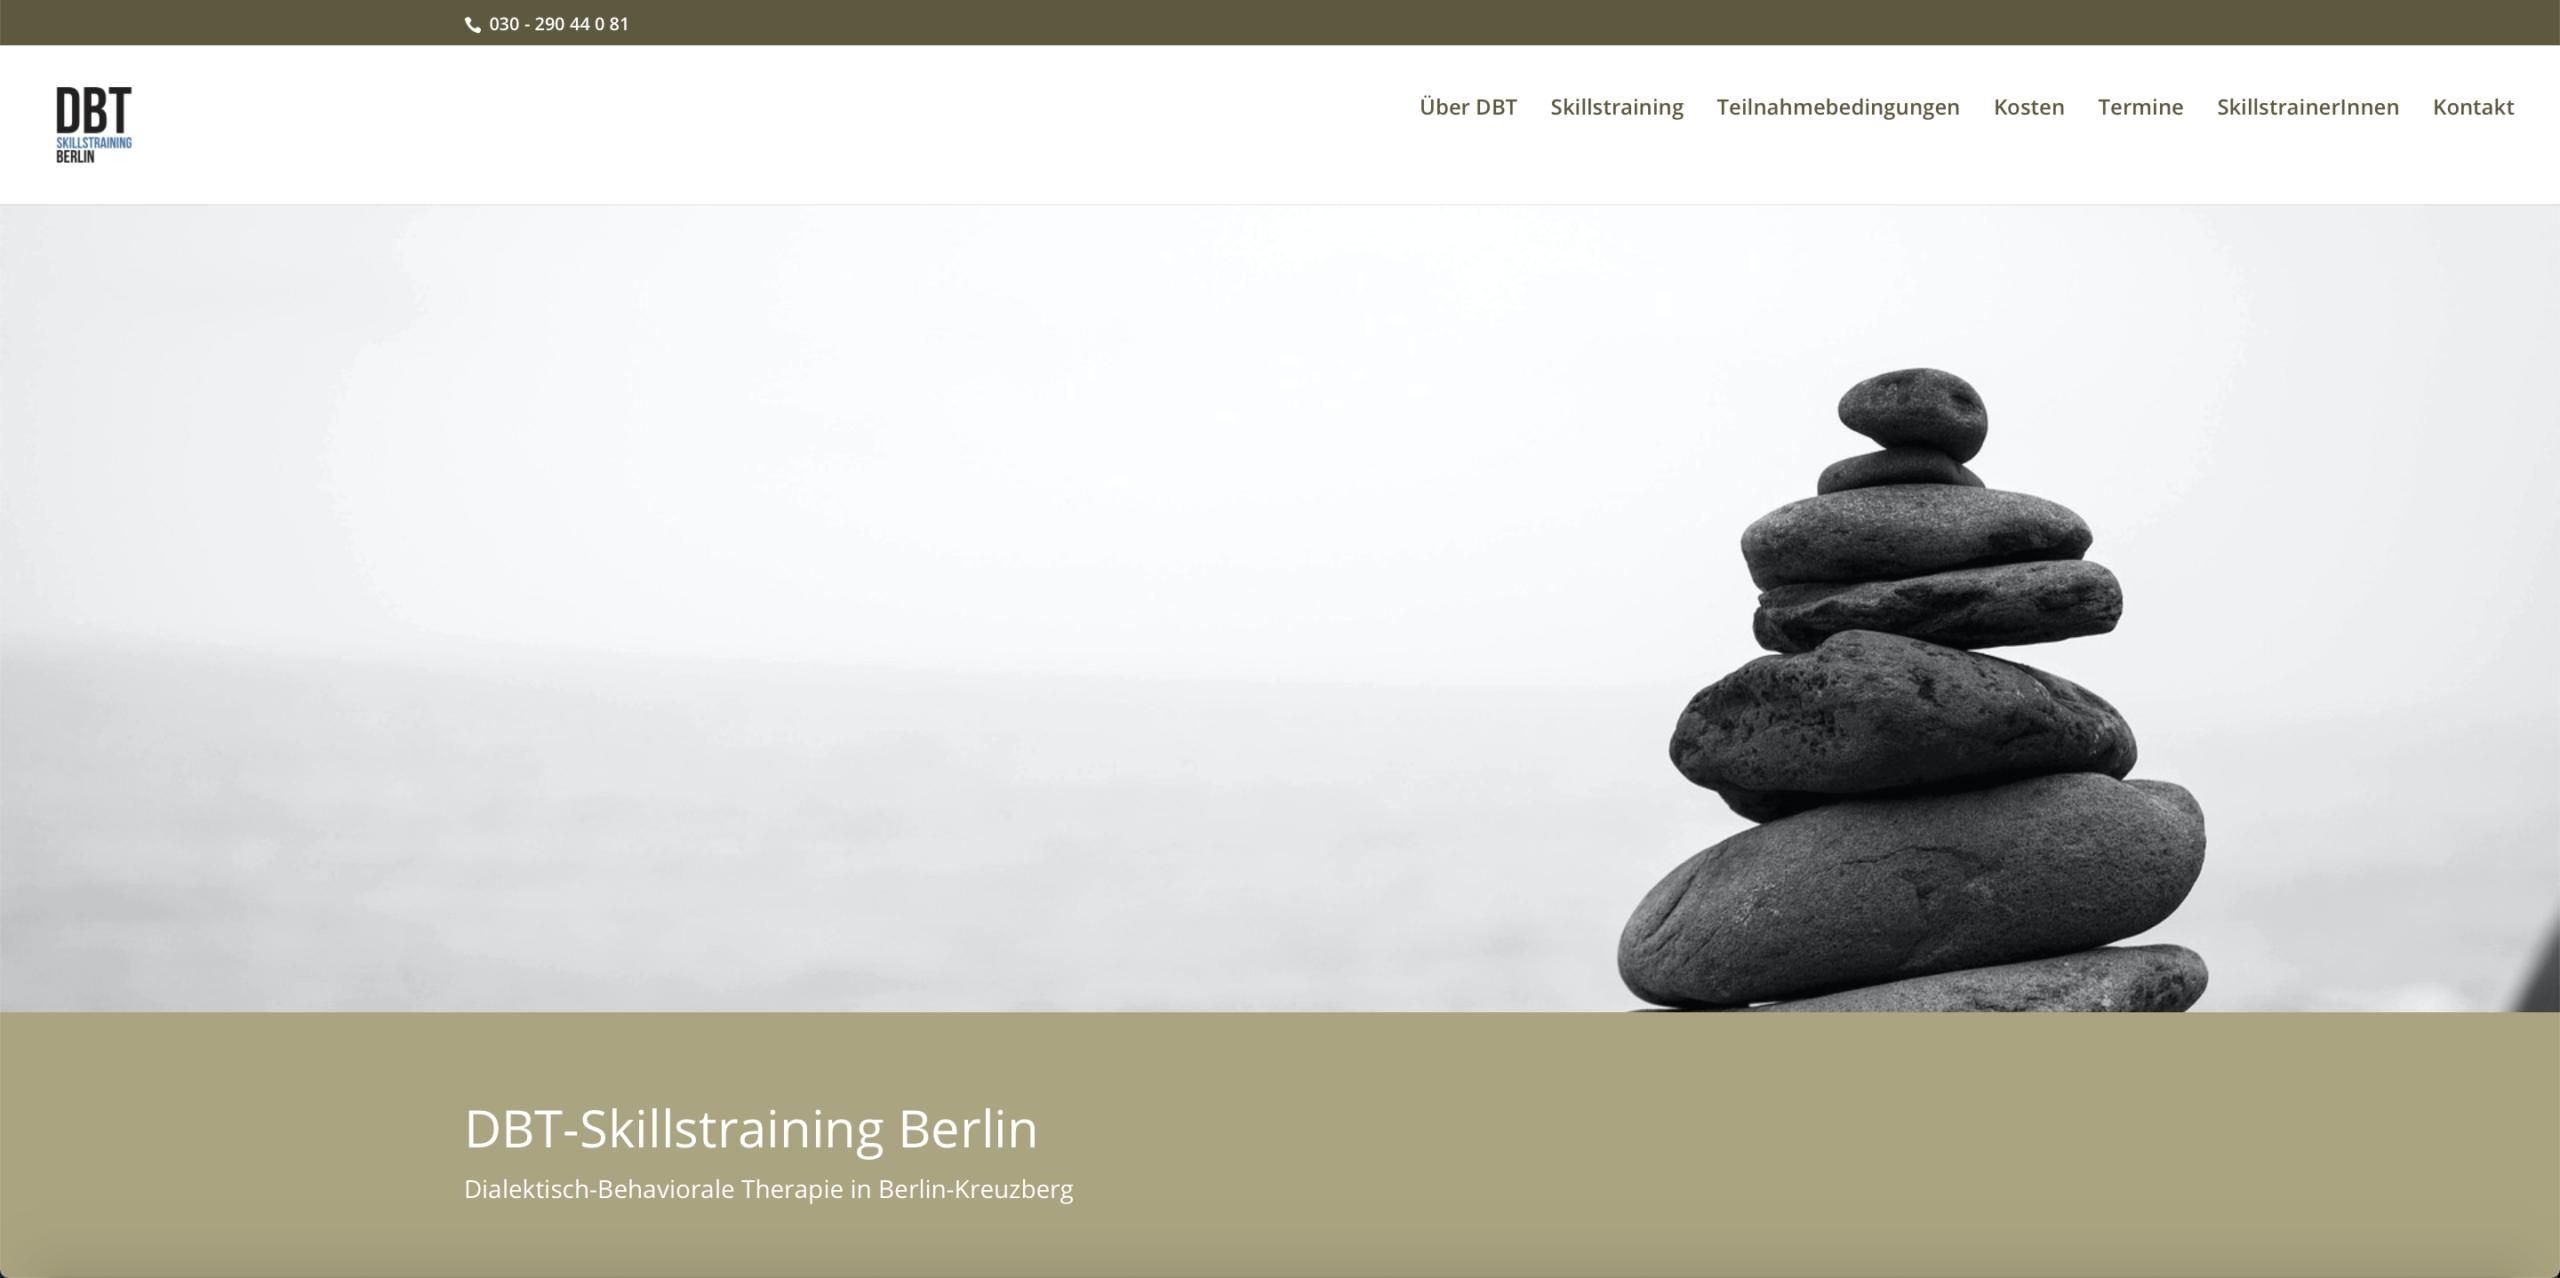 dbt-skillstraining Berlin Website